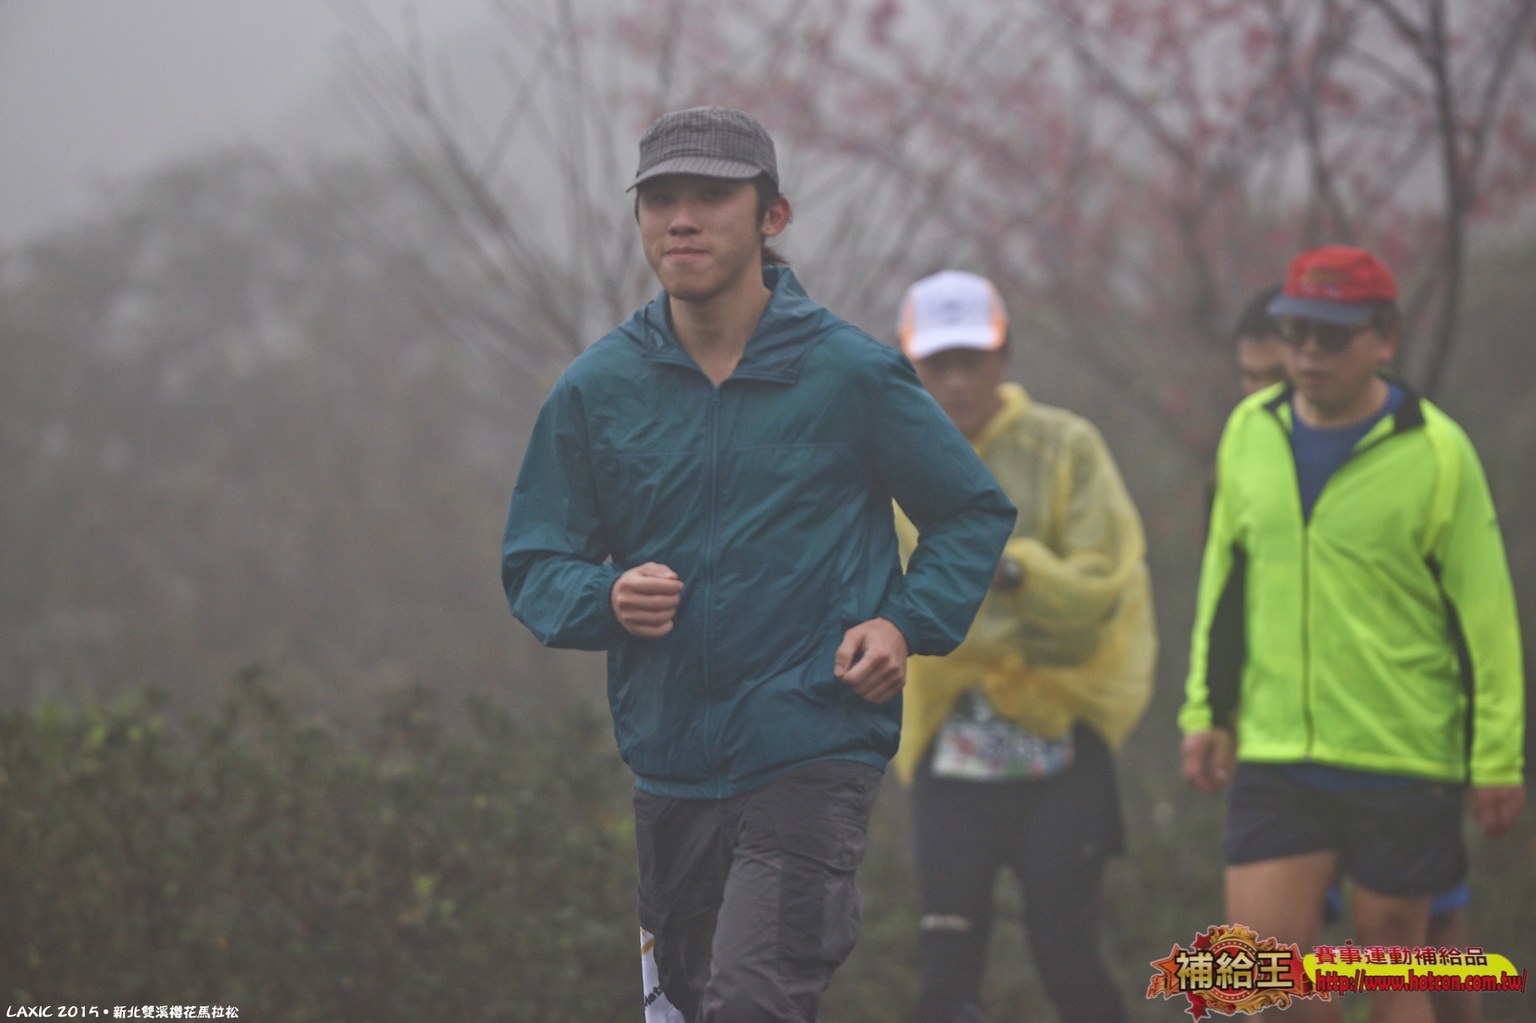 2015.02 新北雙溪櫻花馬拉松